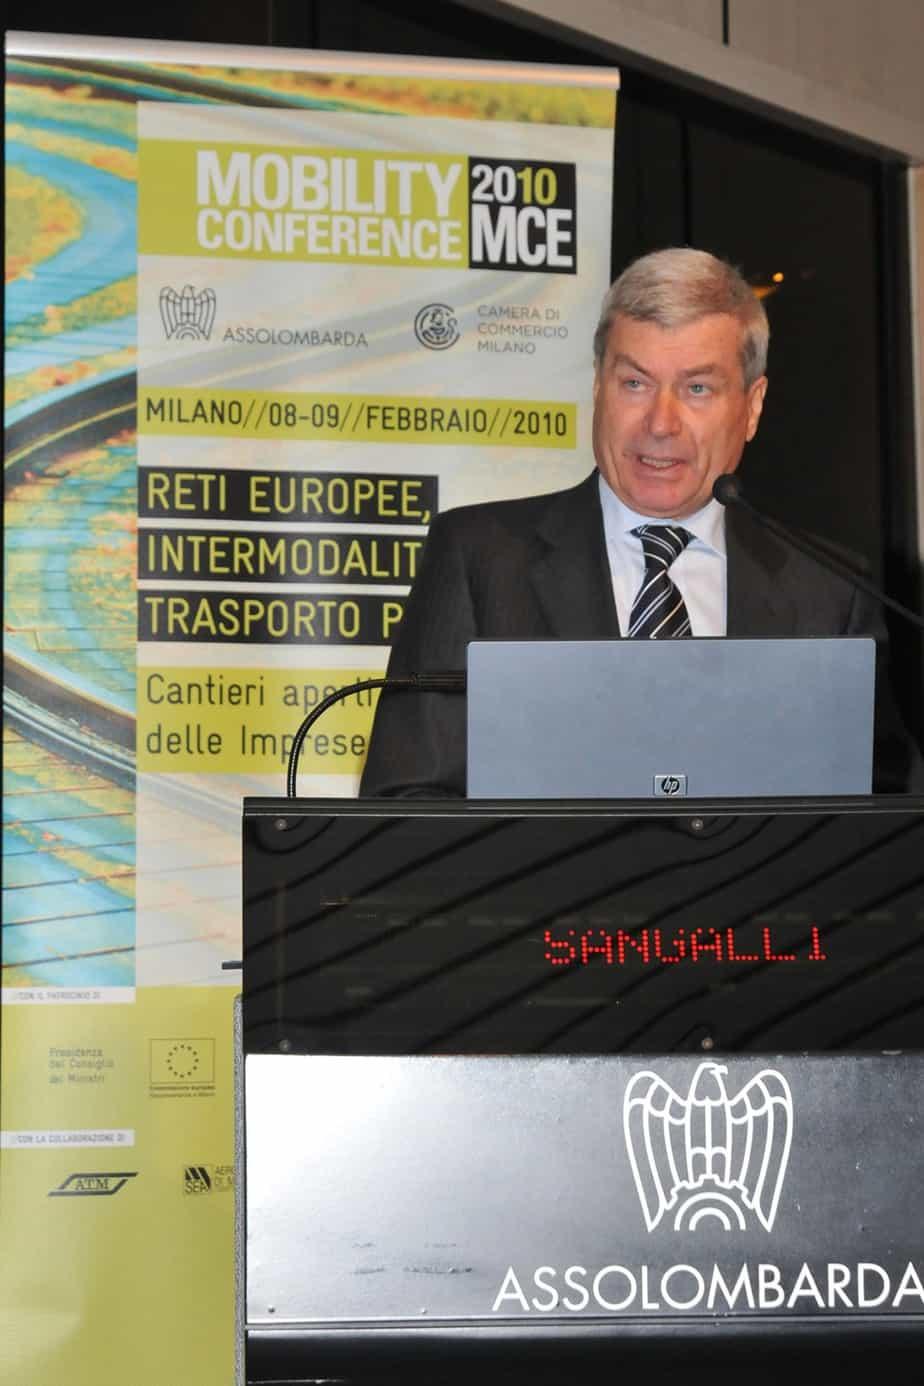 Carlo Sangalli, Presidente della Camera di Commercio di Milano